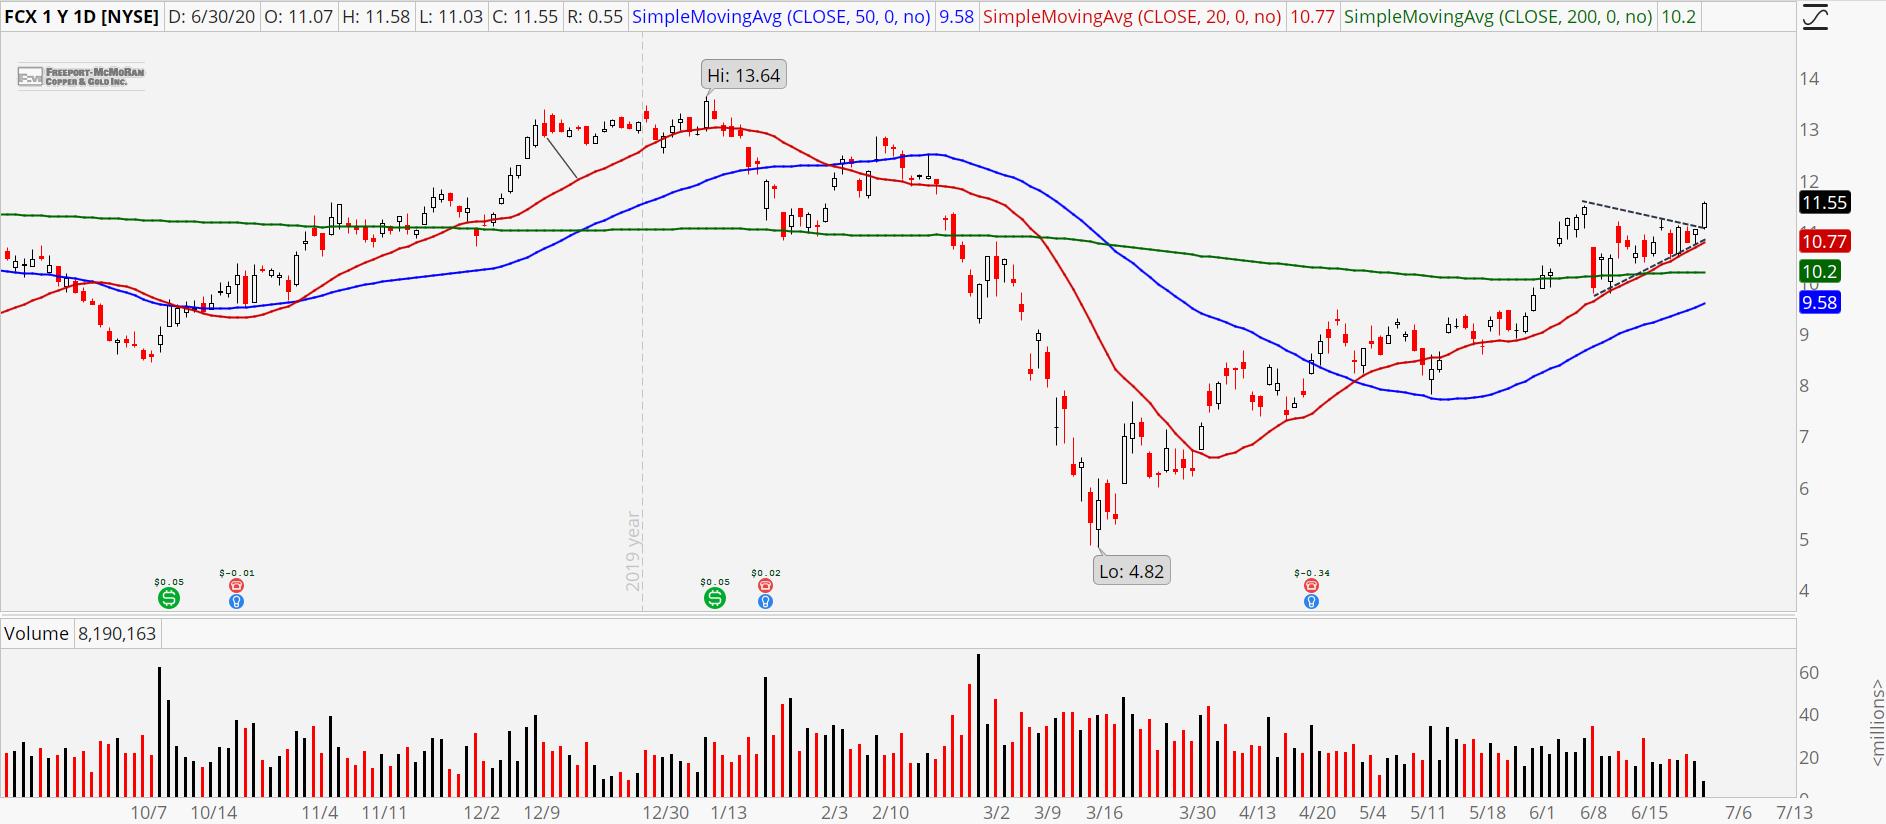 Breakout Stocks: FCX